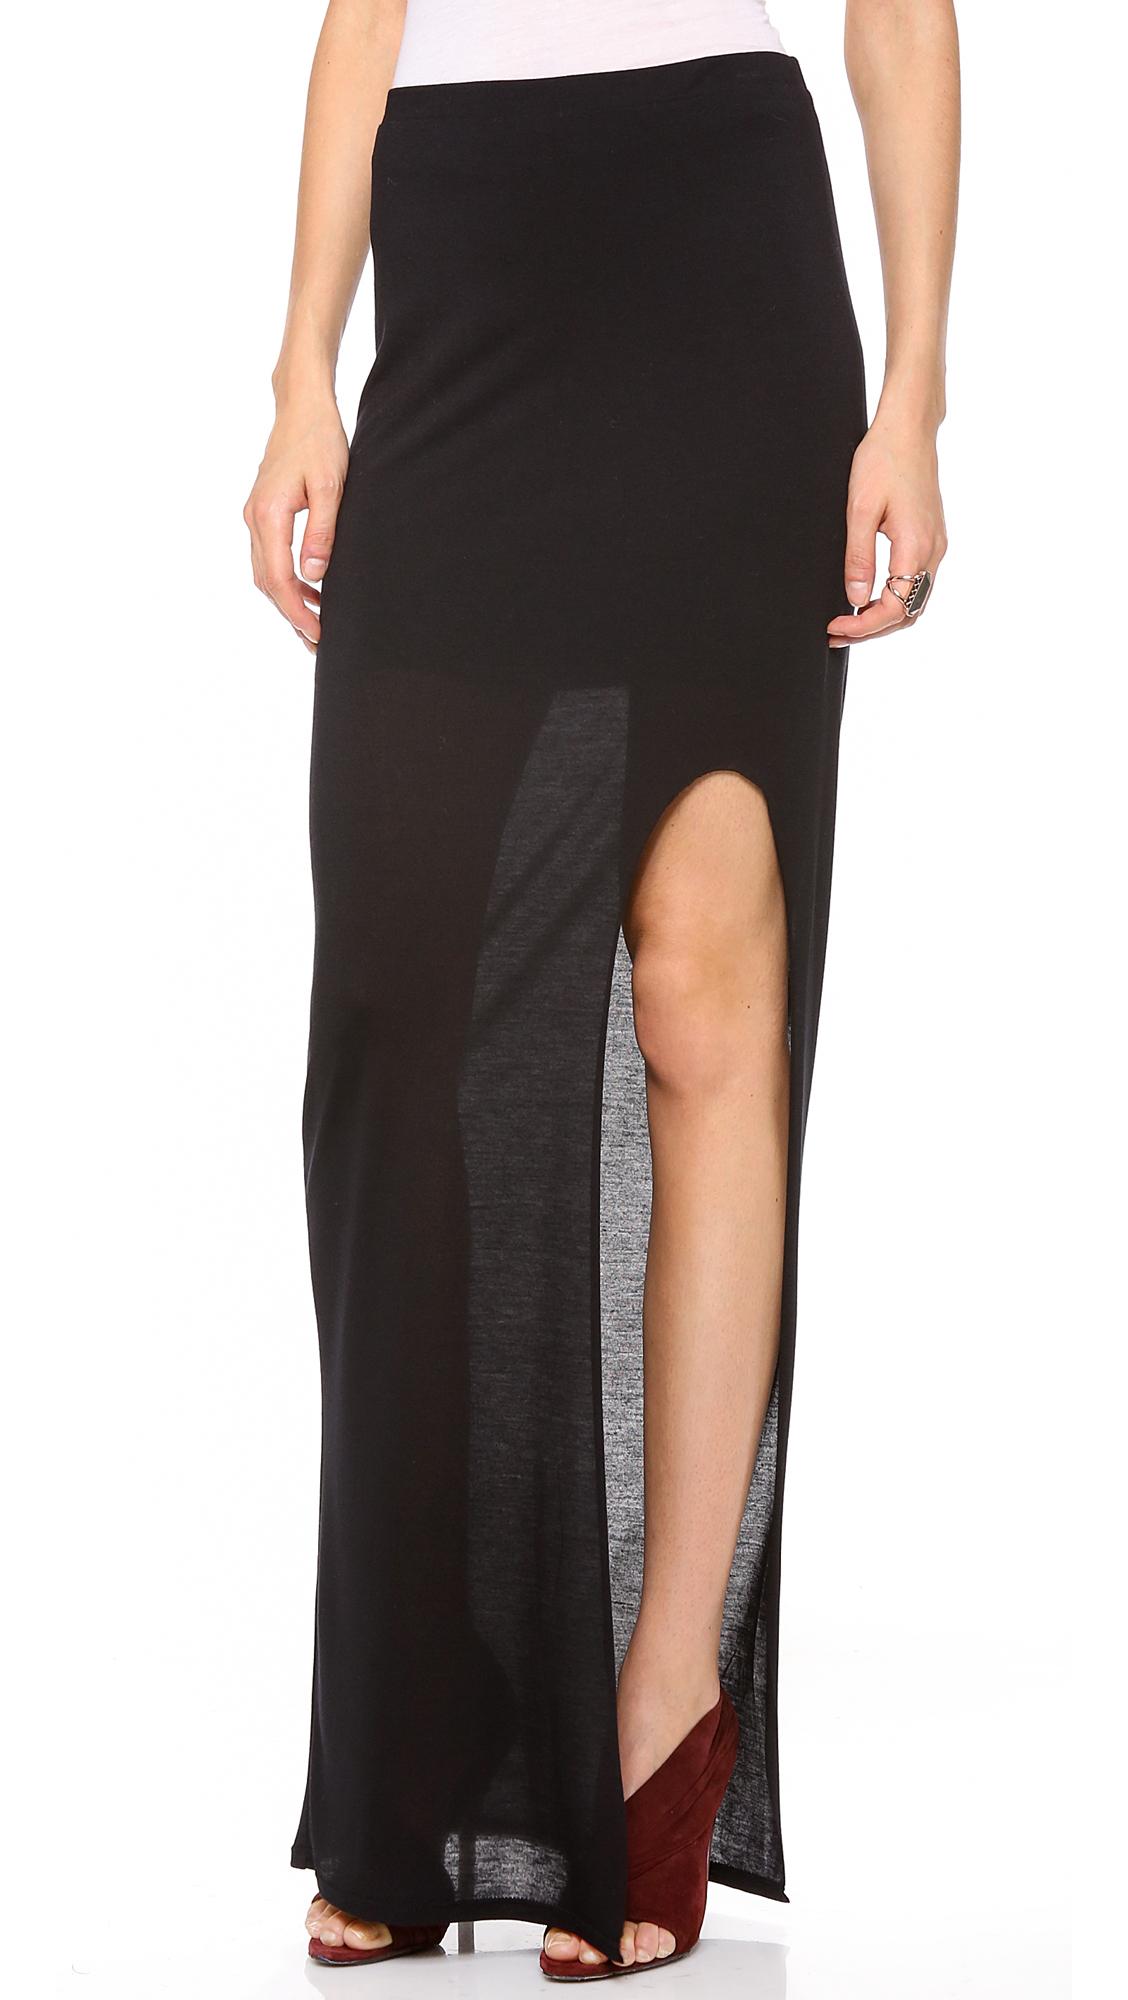 helmut helmut lang kinetic side slit maxi skirt in black